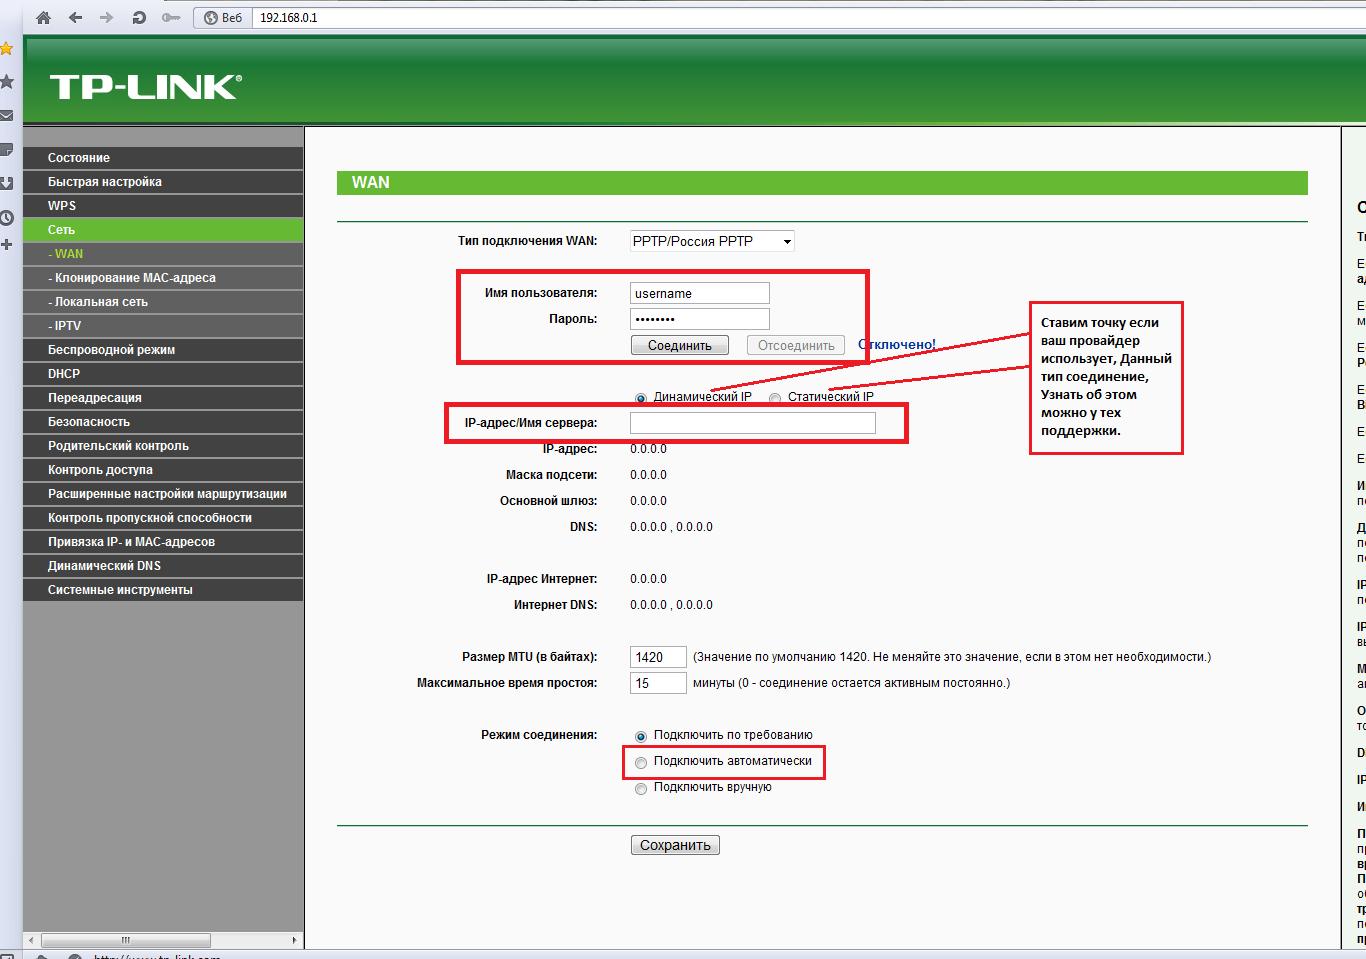 nastroika tp link tl wr740n-Состояние-PPTP